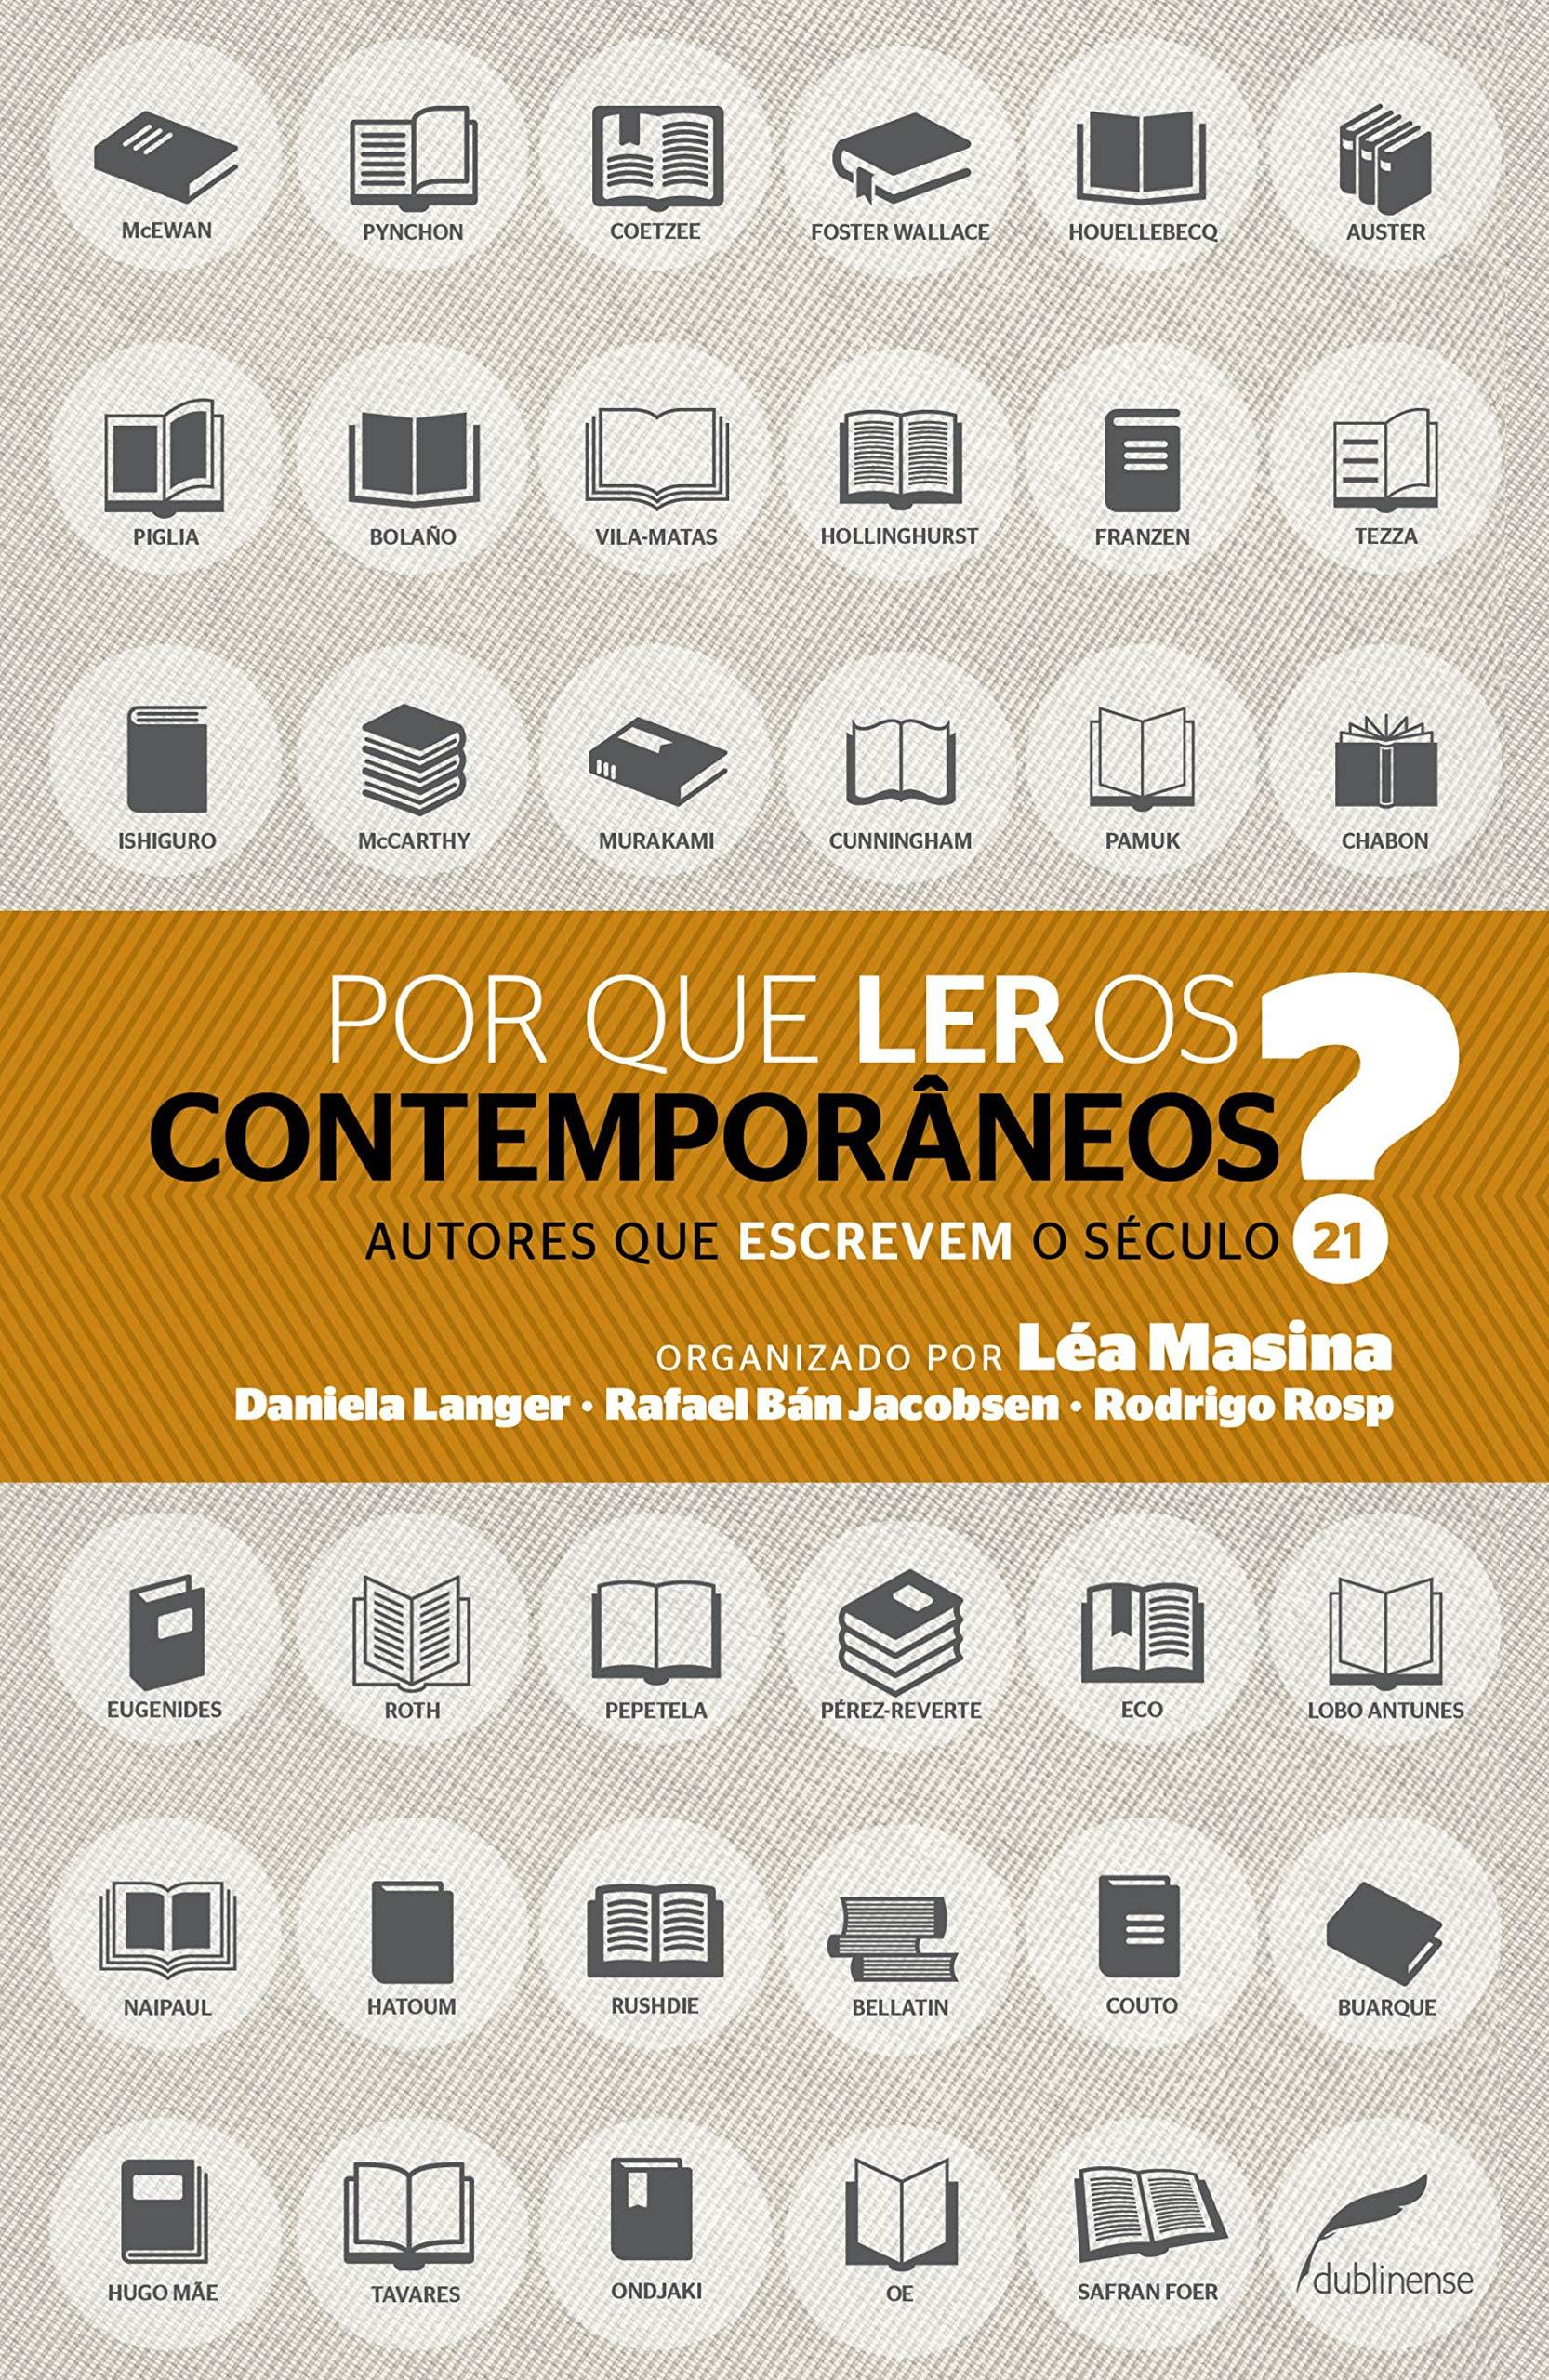 Por que ler os contemporâneos?.  Autores Que Escrevem O Século 21, livro de Léa Masina, Rodrigo Rosp, Rafael Bán Jacobsen, Daniela Langer (Org.)